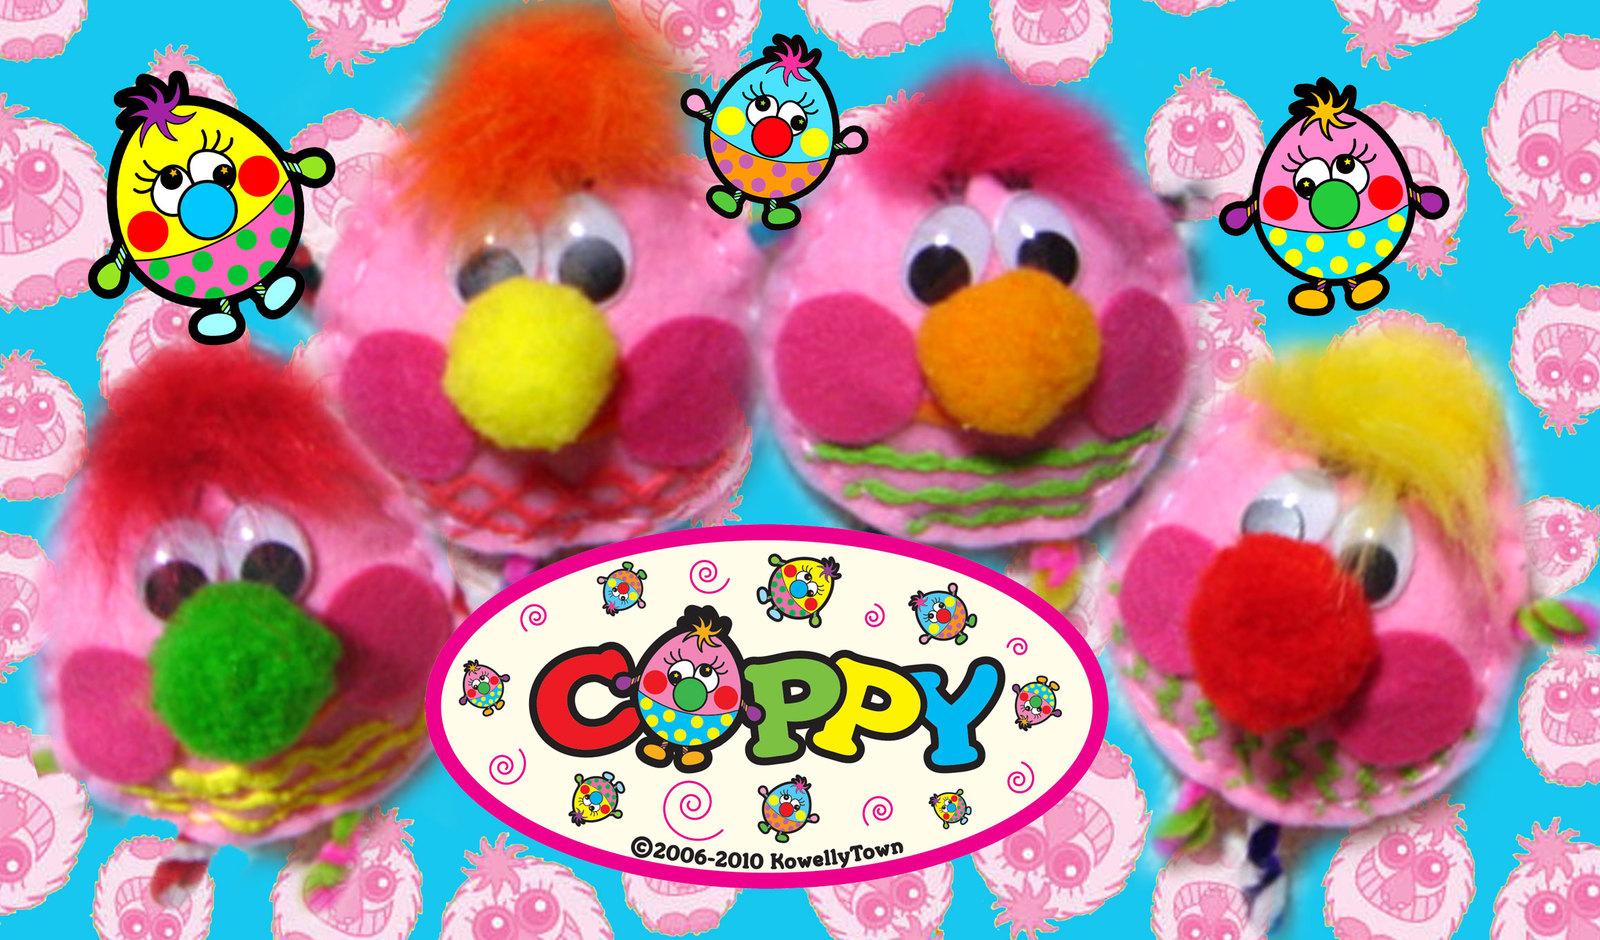 Coppy